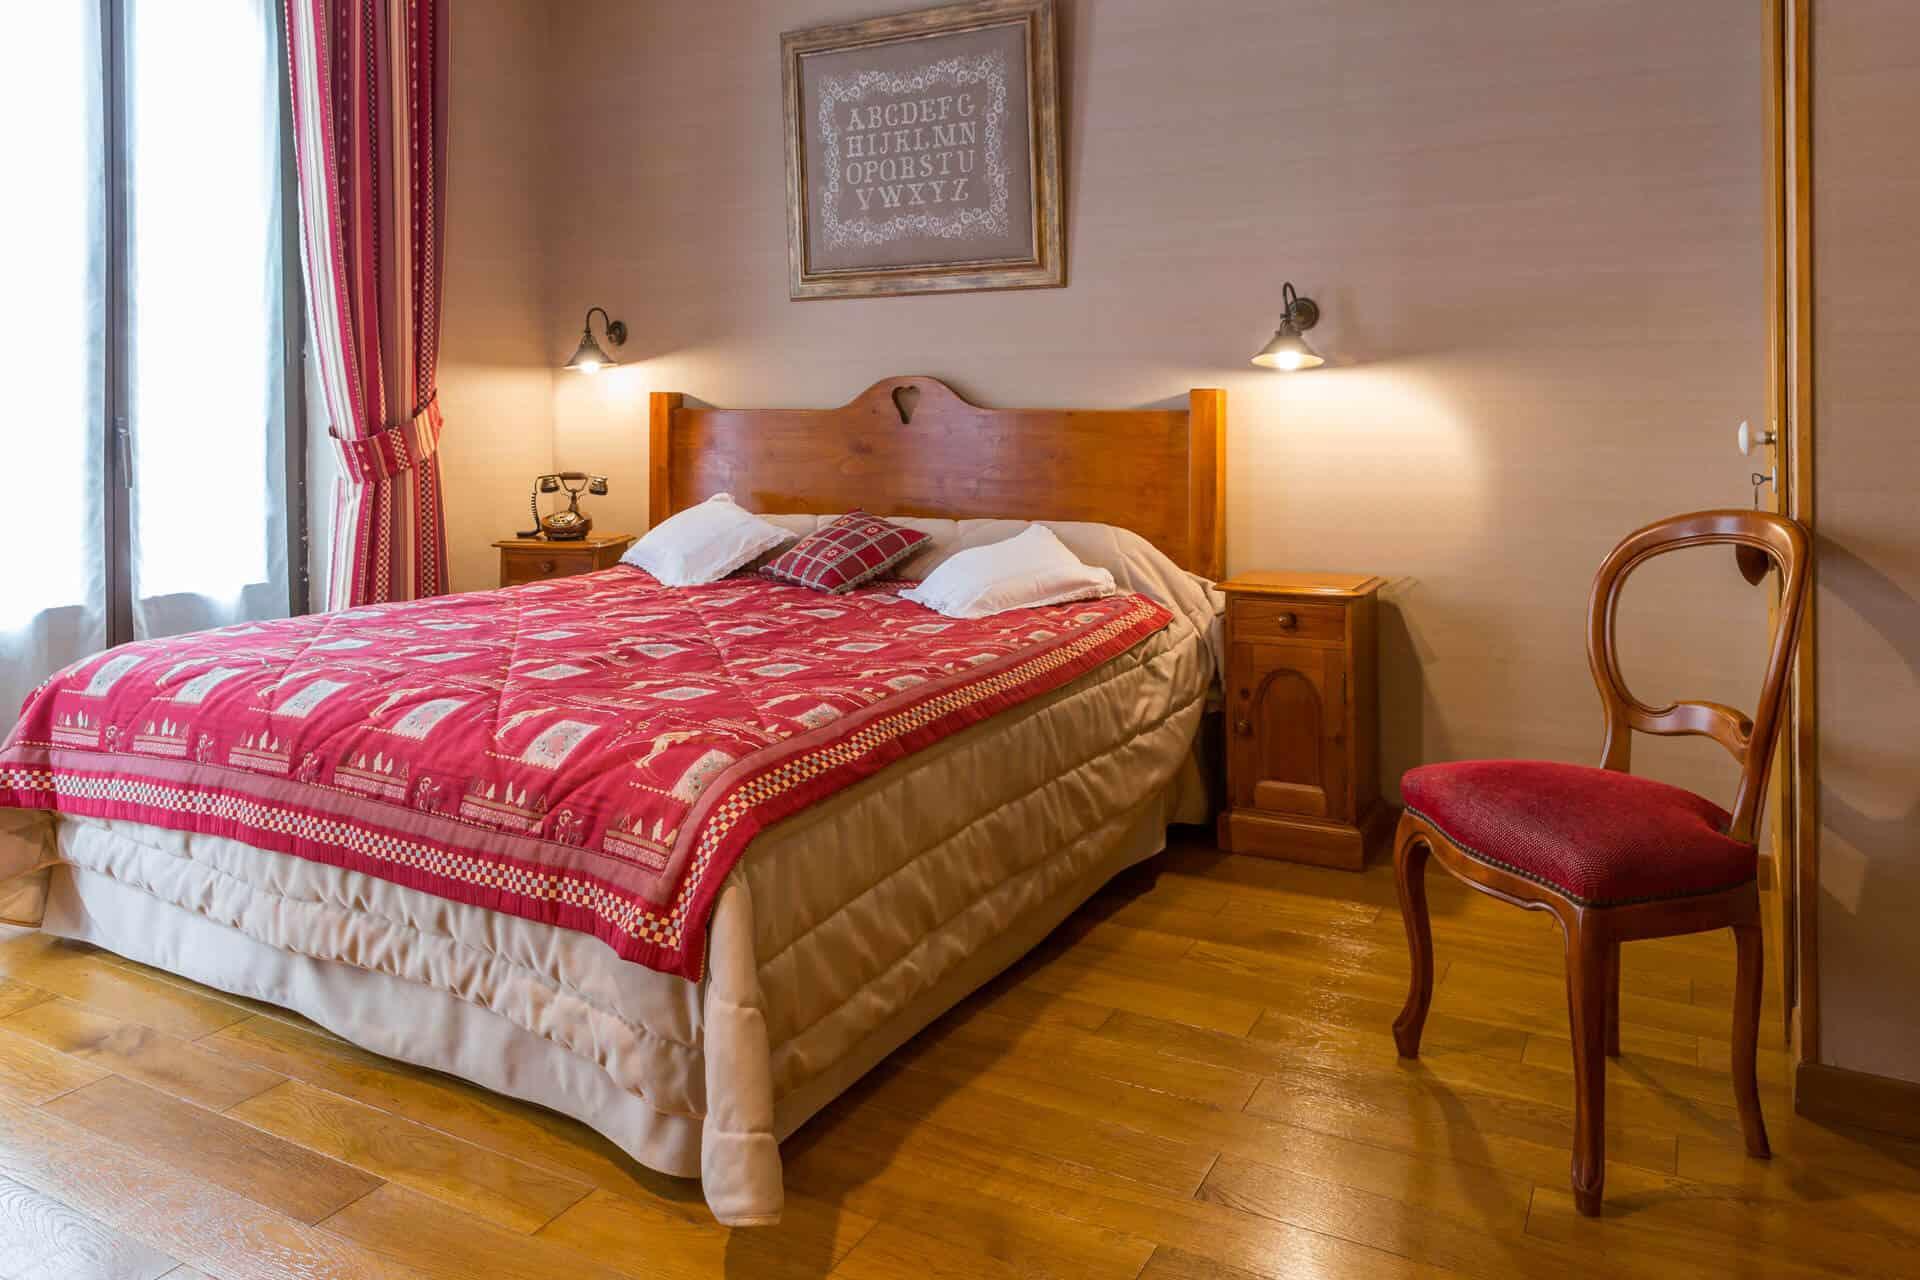 Nuits en chambres d'hôtes et hôtels